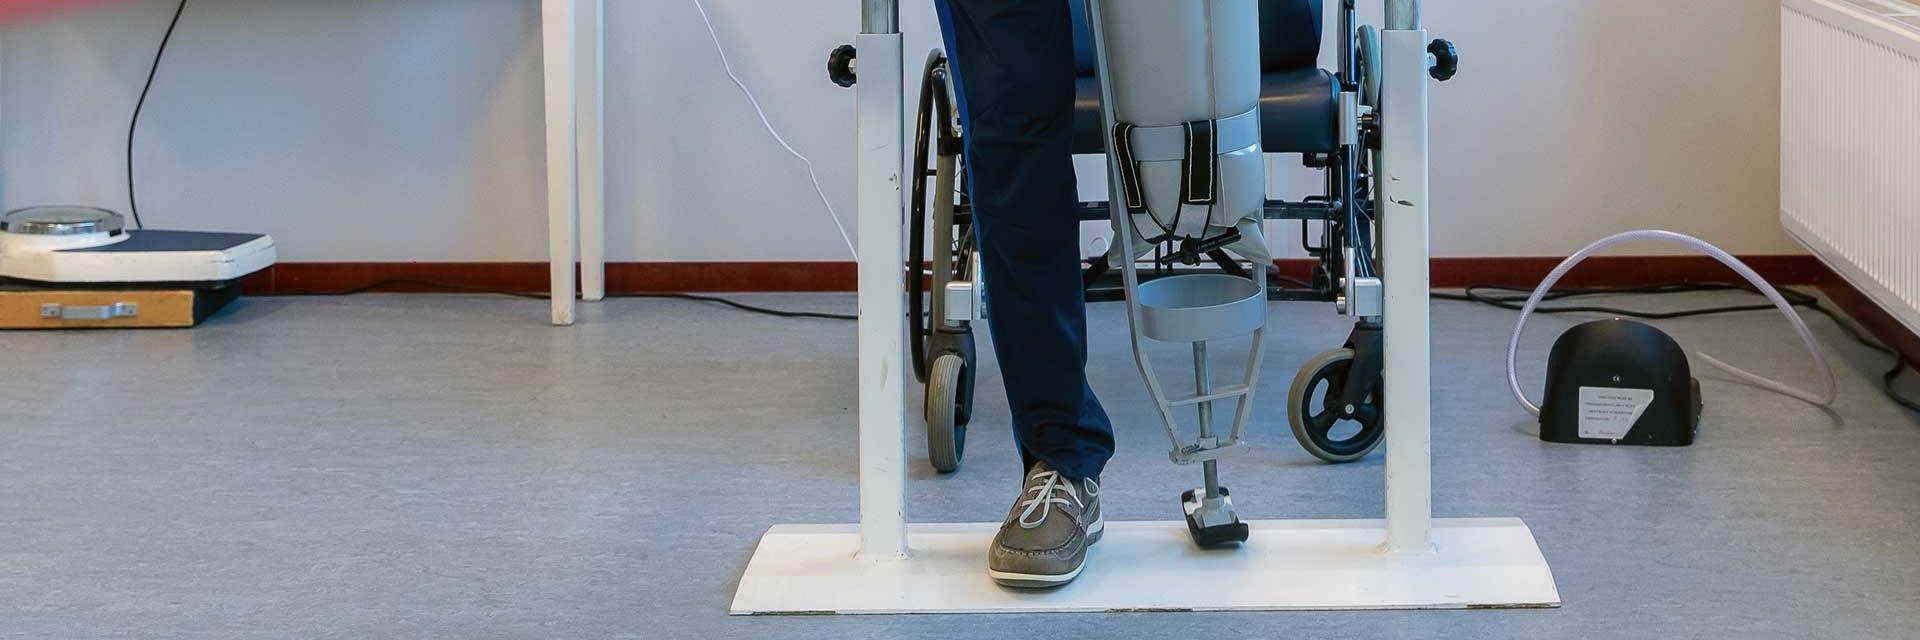 Opnieuw leren lopen tijdens uw revalidatie bij beenamputatie